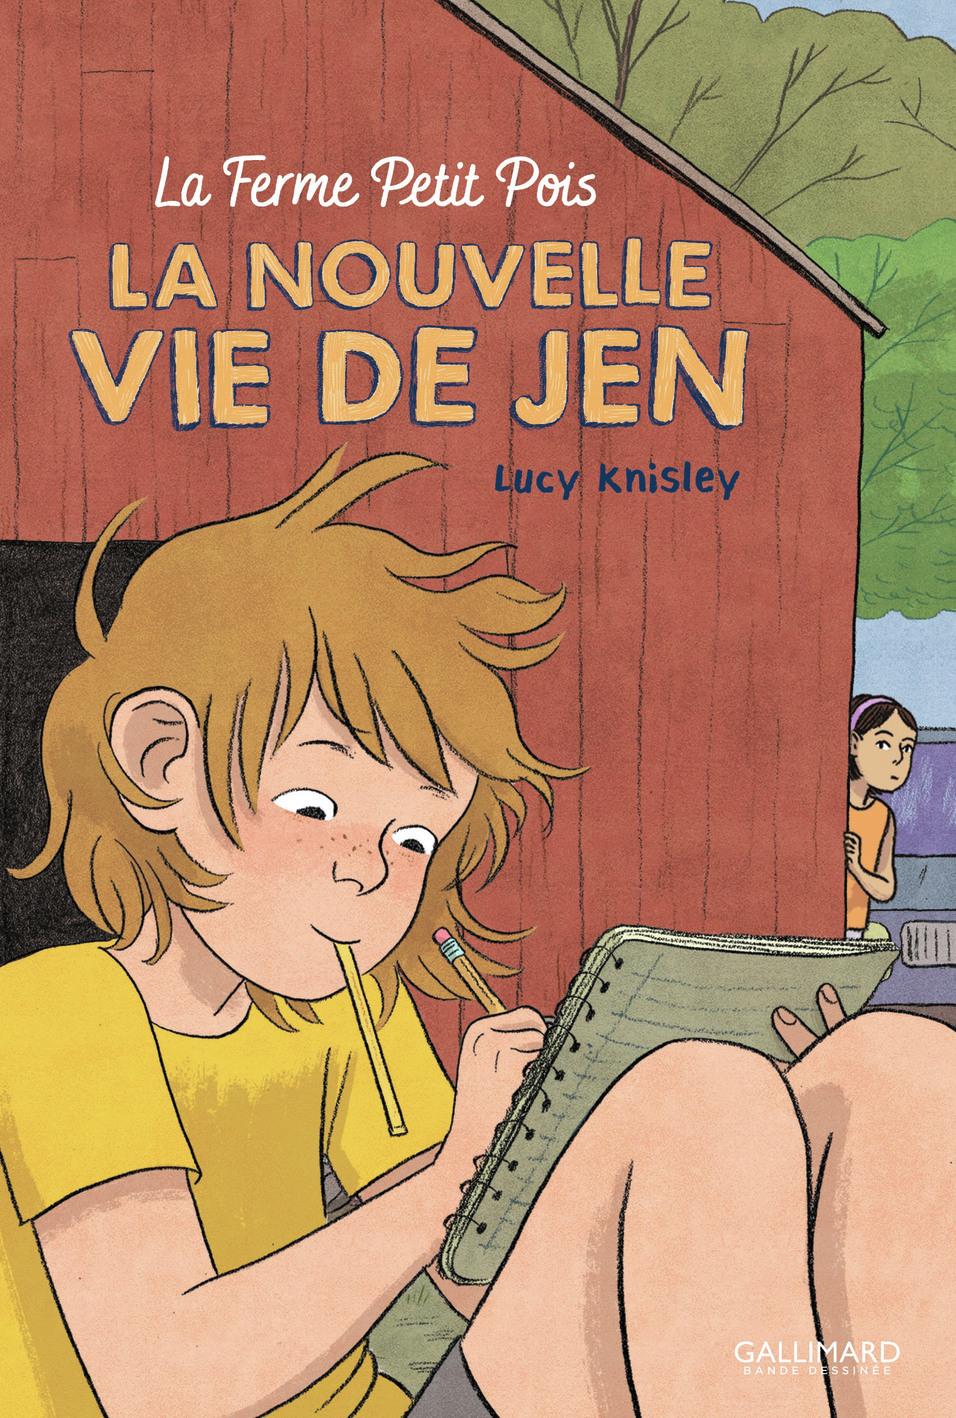 La ferme petit pois 1 - La nouvelle vie de Jen